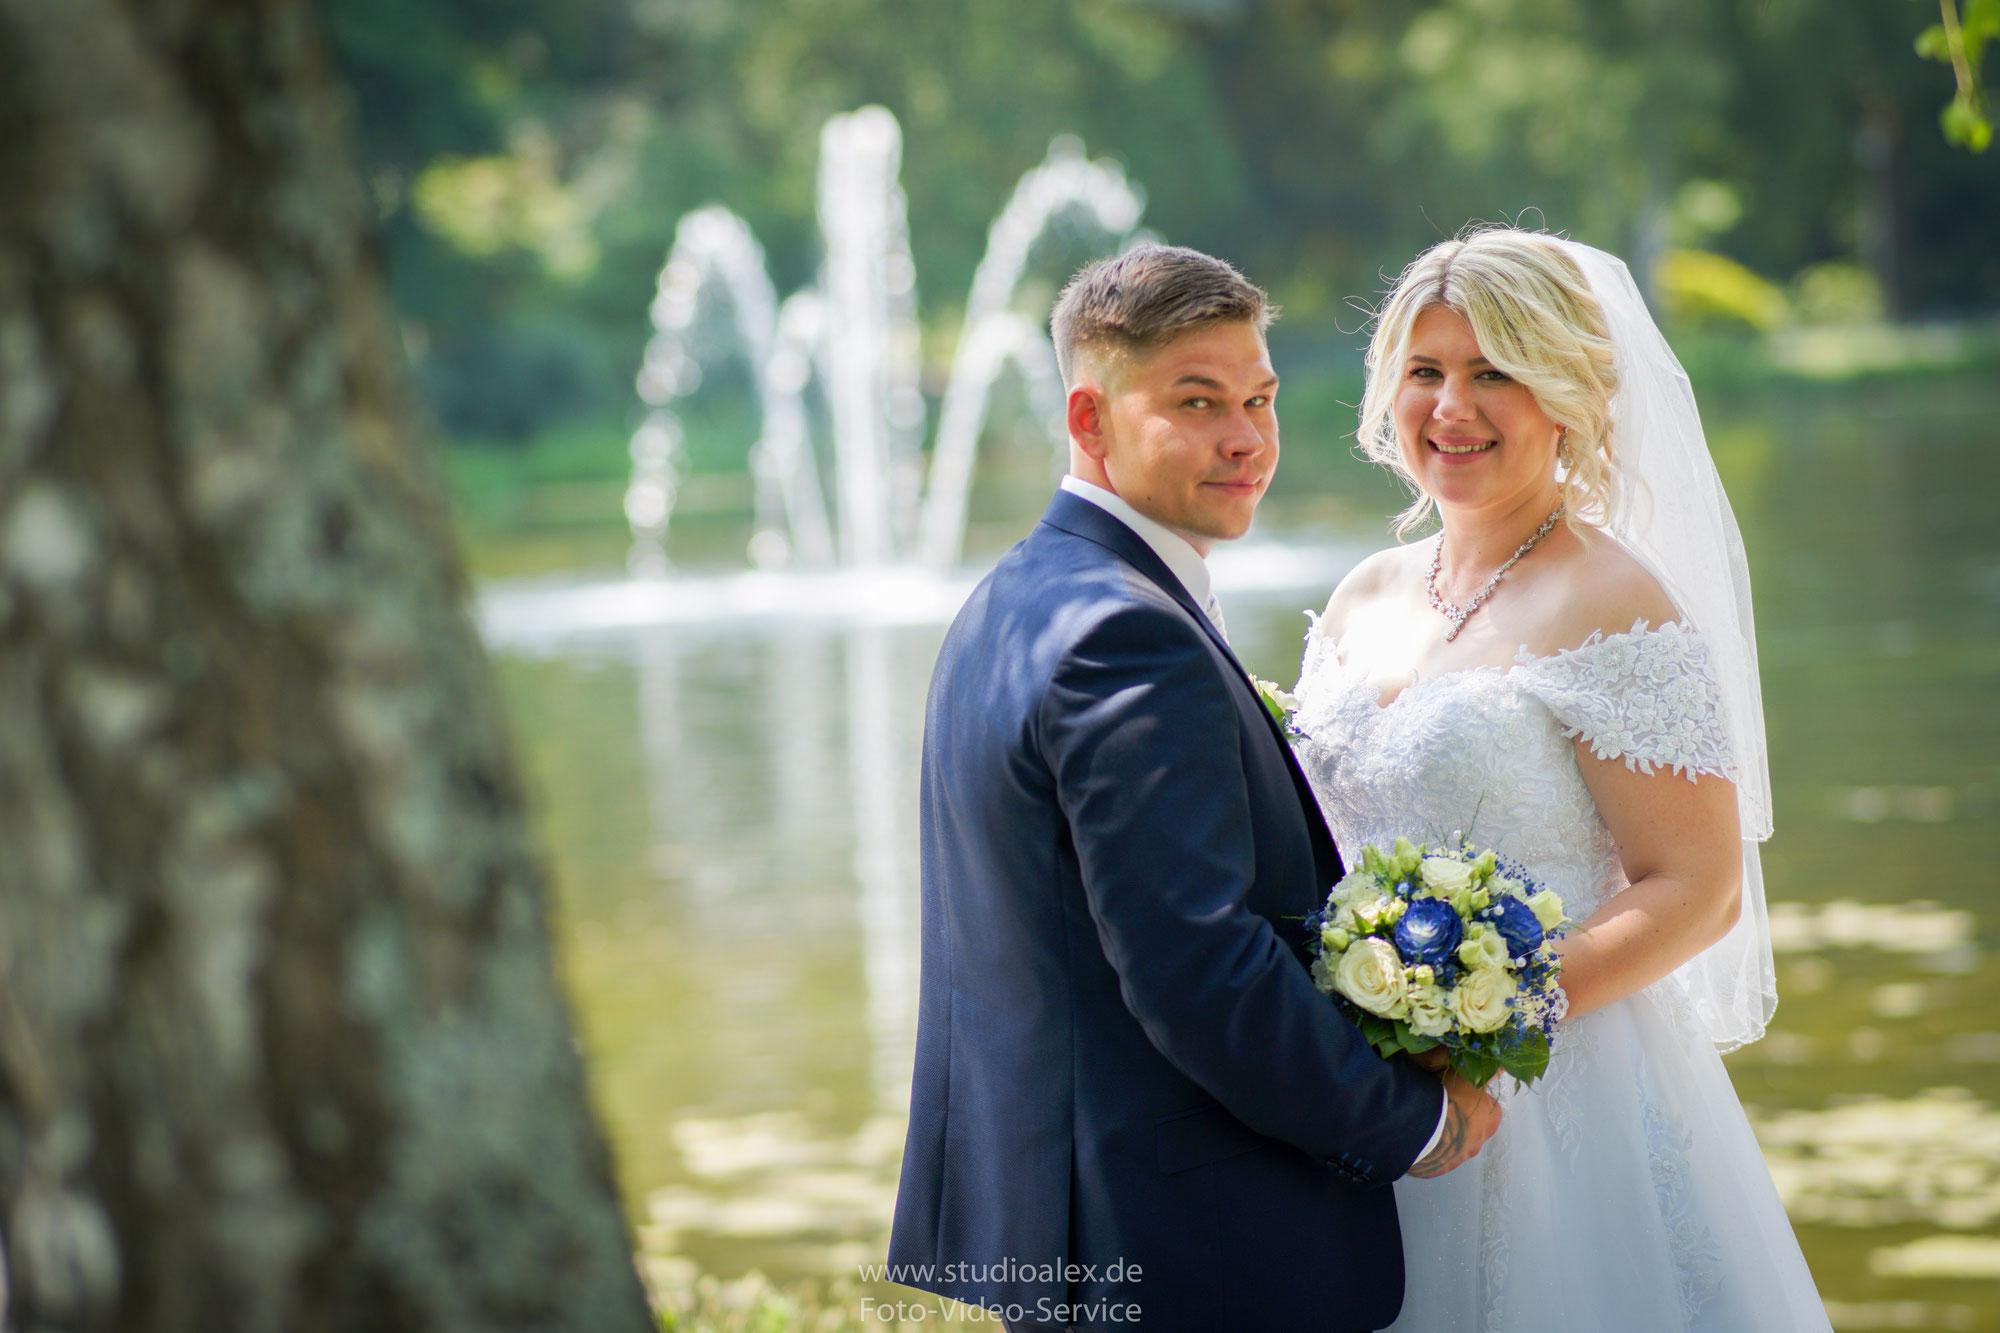 Hochzeit in Nürnberg von Sandra und Daniel. Mit Hochzeitsfotograf und Videograf Alexander Dechant -Studio Alex